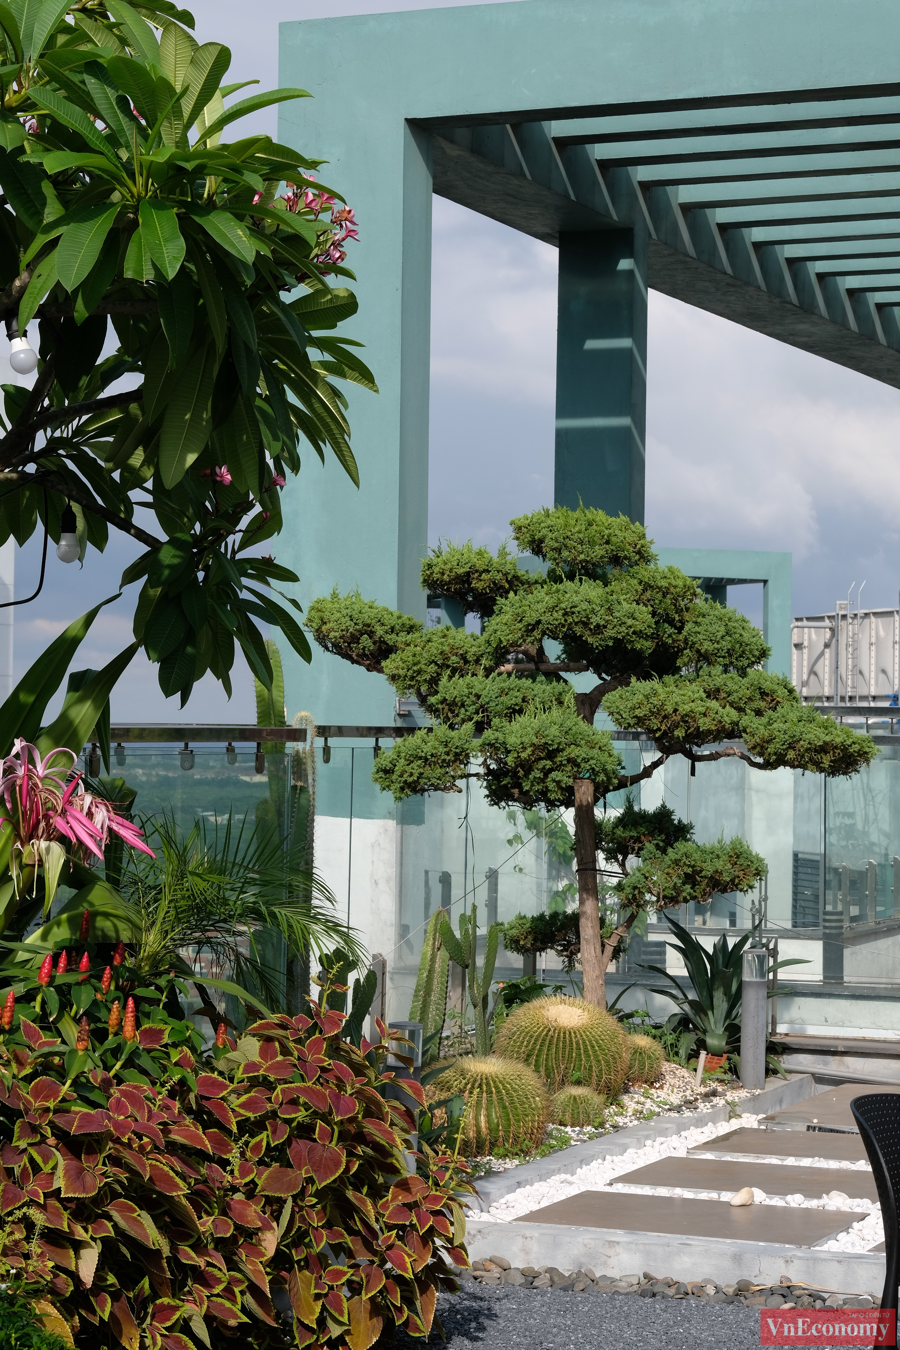 """Khu vực sân vườn của căn penthouse được vợ chồng gia chủ tận dụng tối đa để vừa có không gian cho những buổi tiệc ngoài trời cùng bạn bè, vừa có những góc """"sống ảo"""" cùng thiên nhiên, hoa lá."""